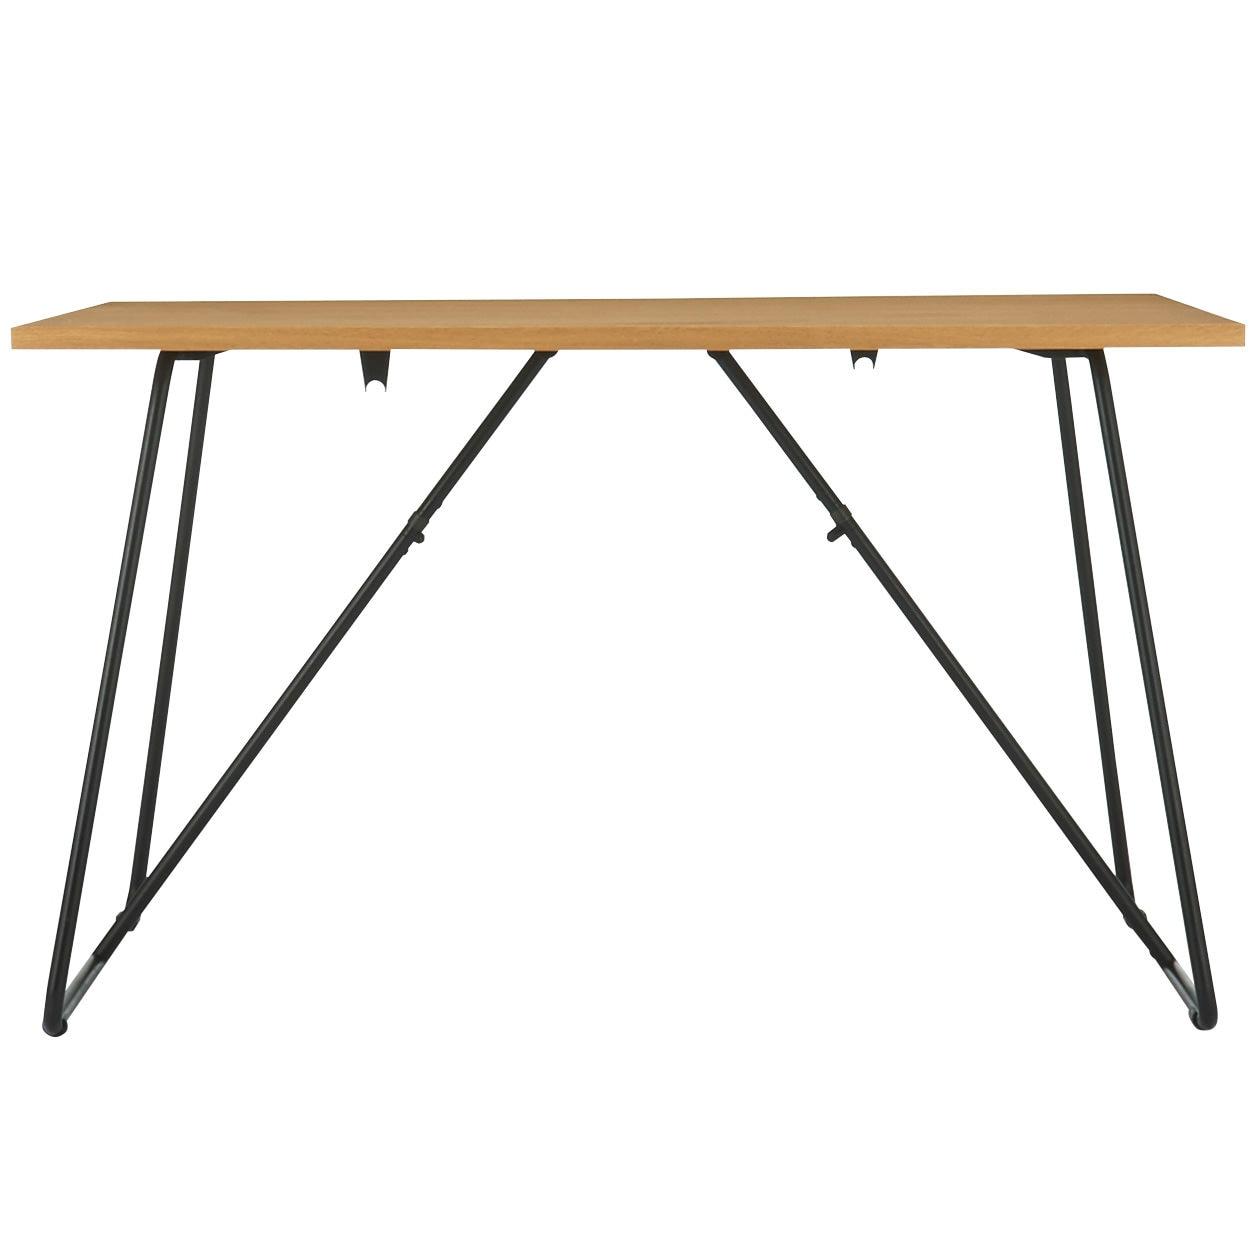 折りたたみテーブル・幅120cm・オーク材 幅120×奥行70×高さ72cm折りたたみテーブル、スタッキングスツール脚部を開く際は脚固定リングの位置にご注意ください。